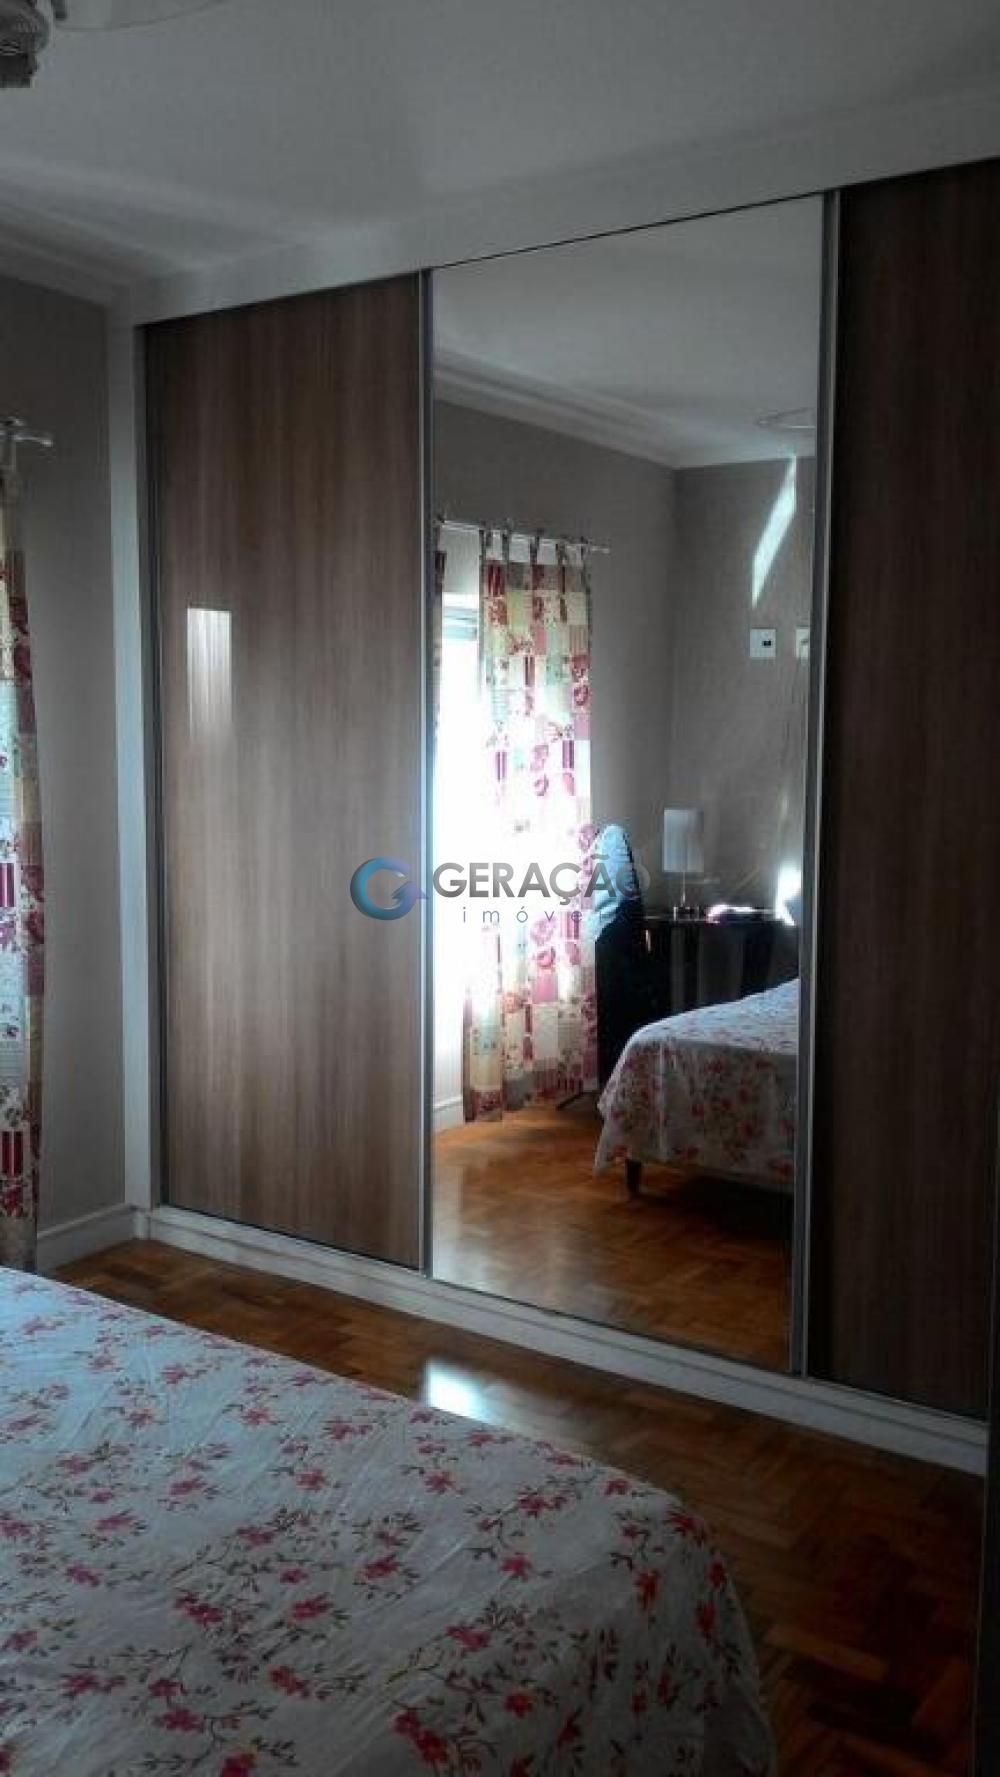 Comprar Apartamento / Padrão em São José dos Campos apenas R$ 500.000,00 - Foto 4